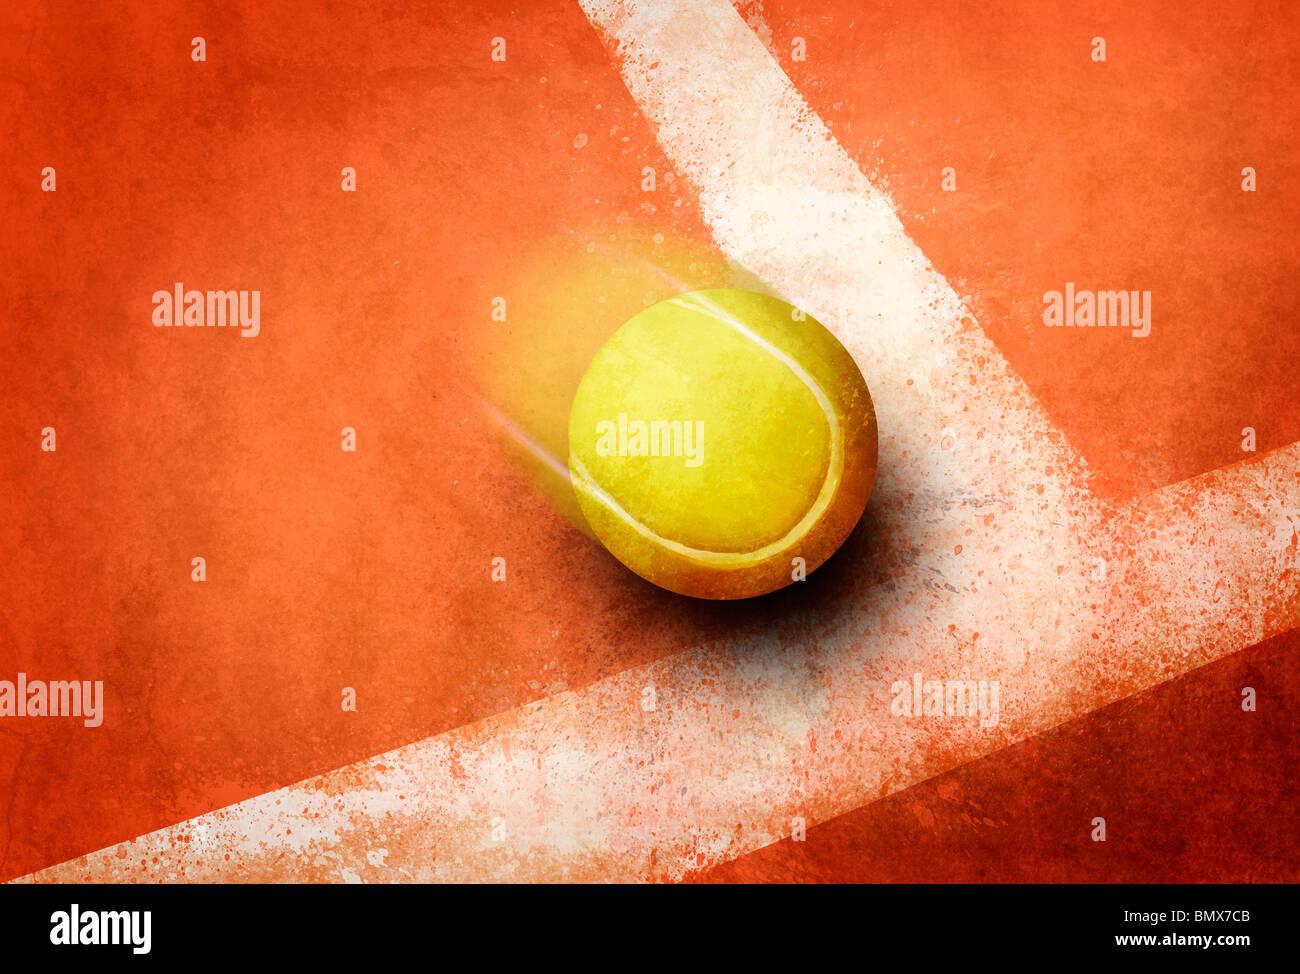 Balle de tennis à l'angle de la ligne de champ au sol rouge Banque D'Images